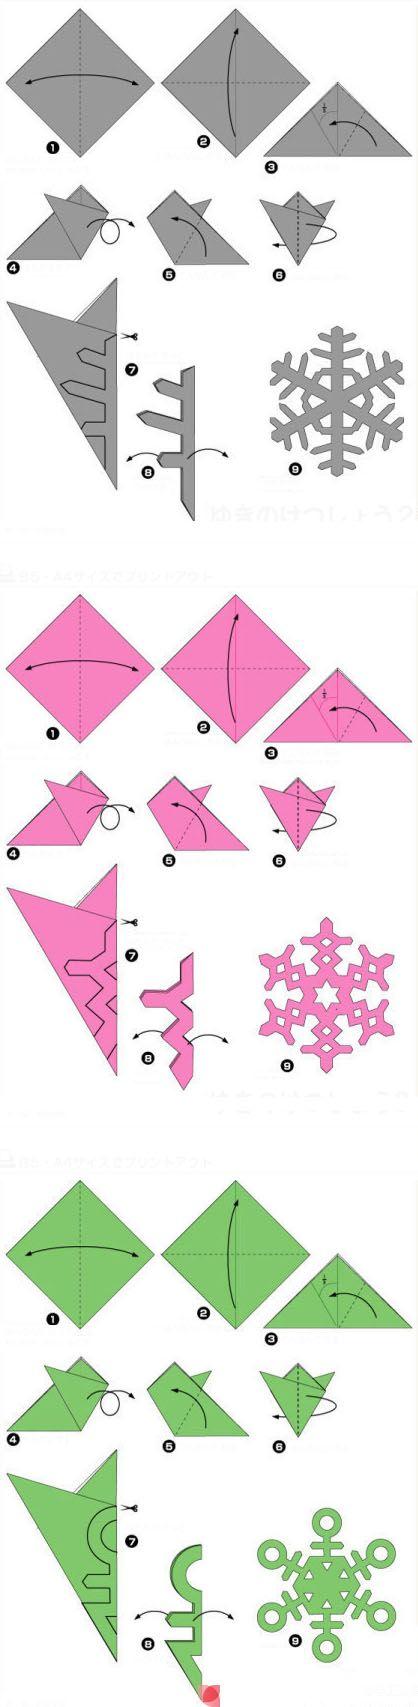 DIY paper snowflakes #diy #craft #paper: